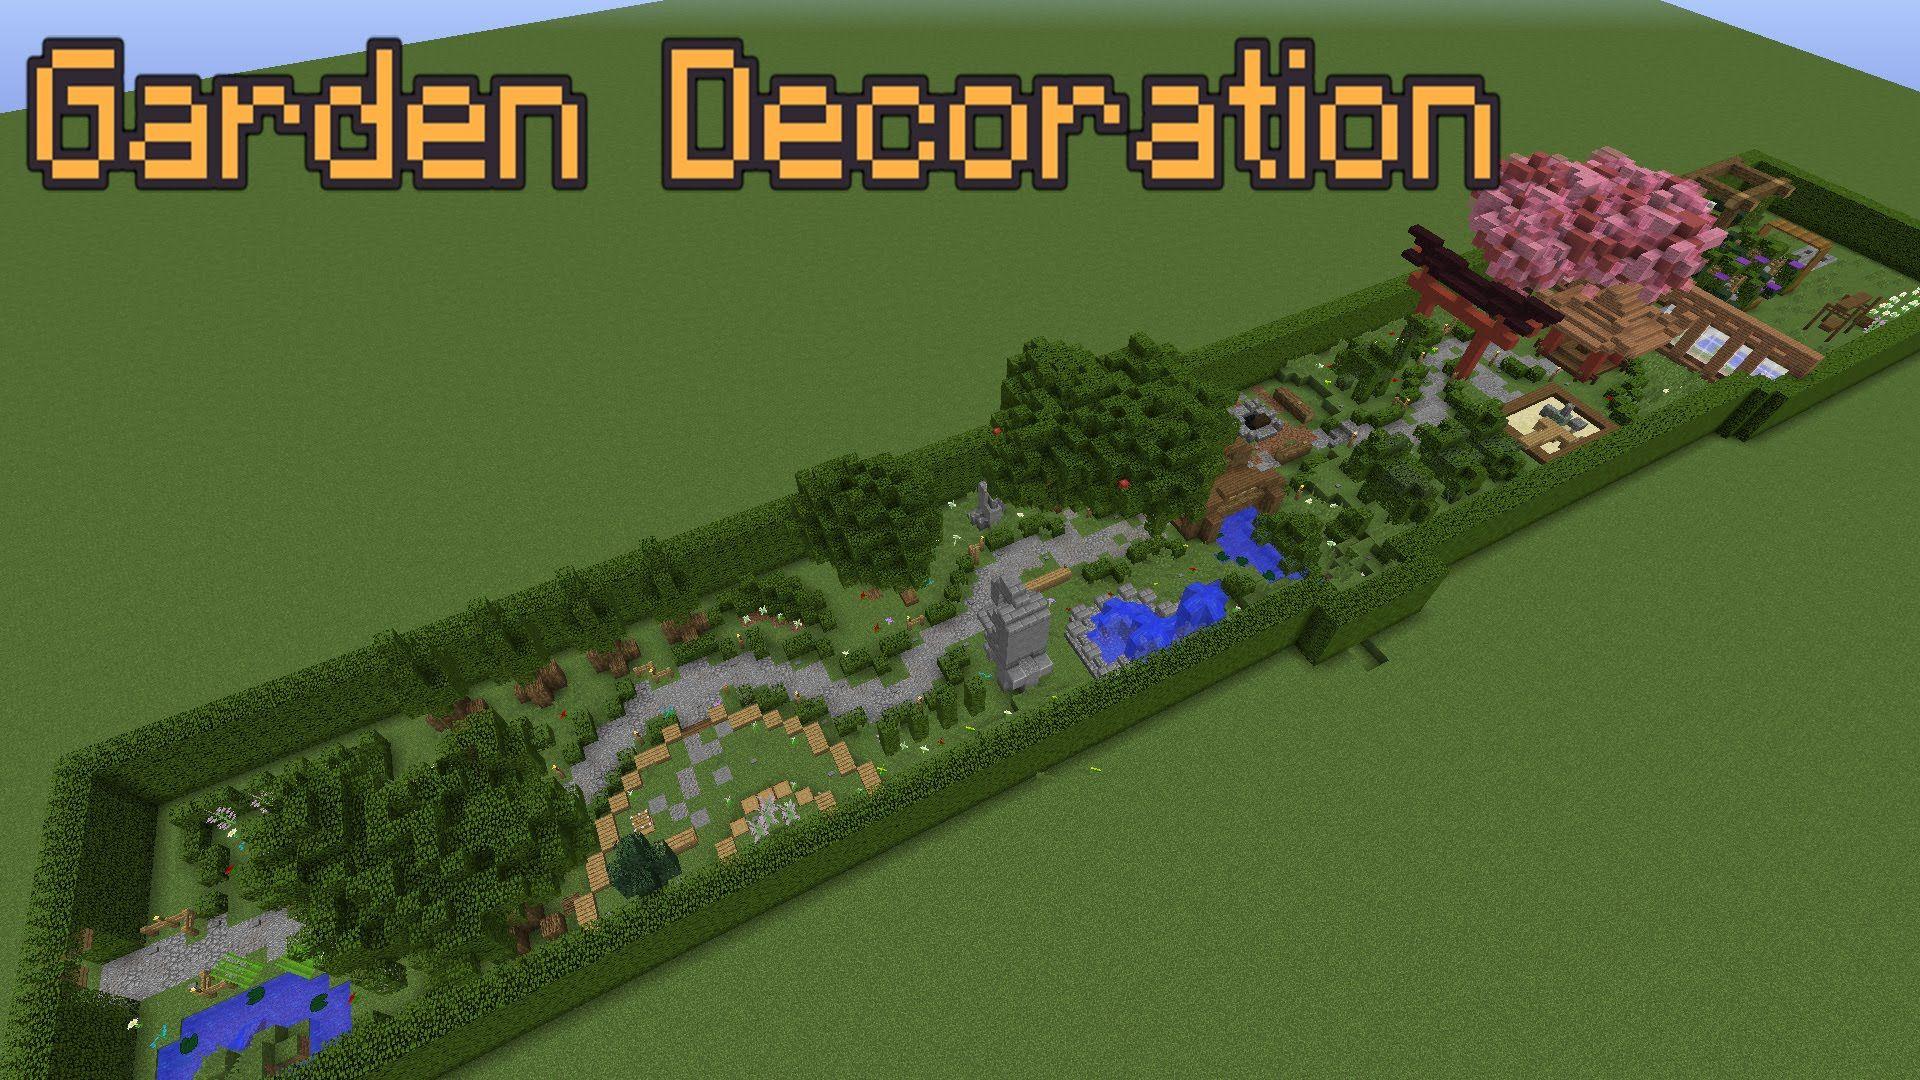 Bild In Originalgrosse Anzeigen Minecraft Dekorationen Minecraft Haus Minecraft Projekte